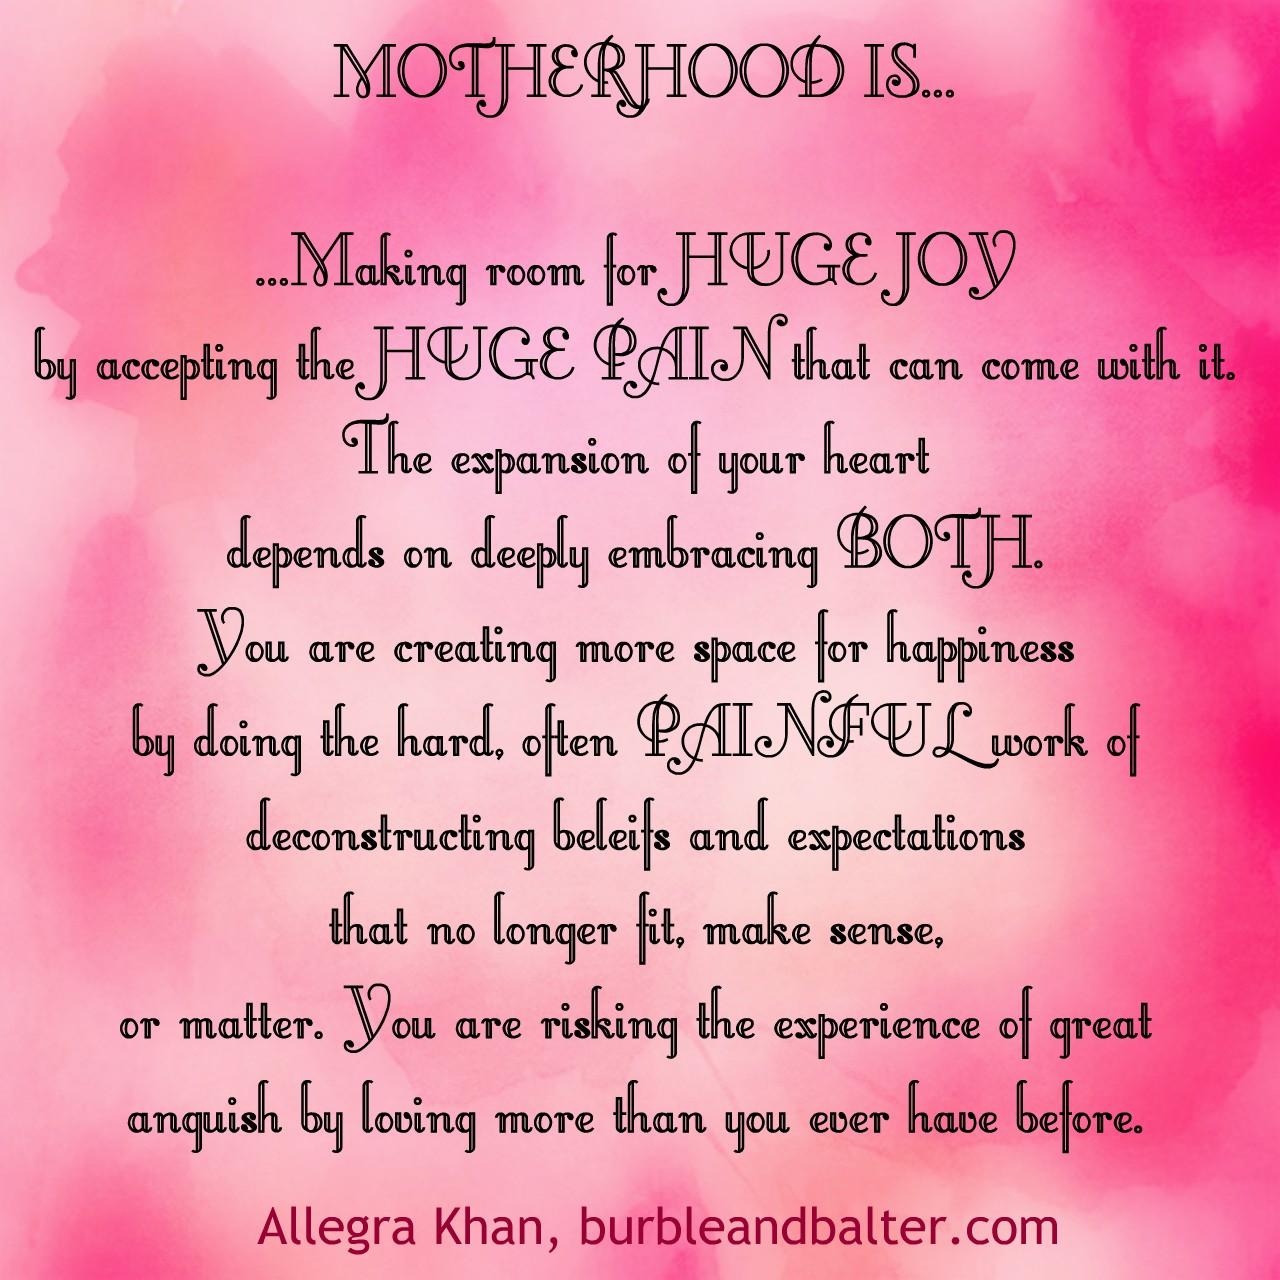 Motherhood-IS-Allegra-Khan-Burble-and-Balter.jpg